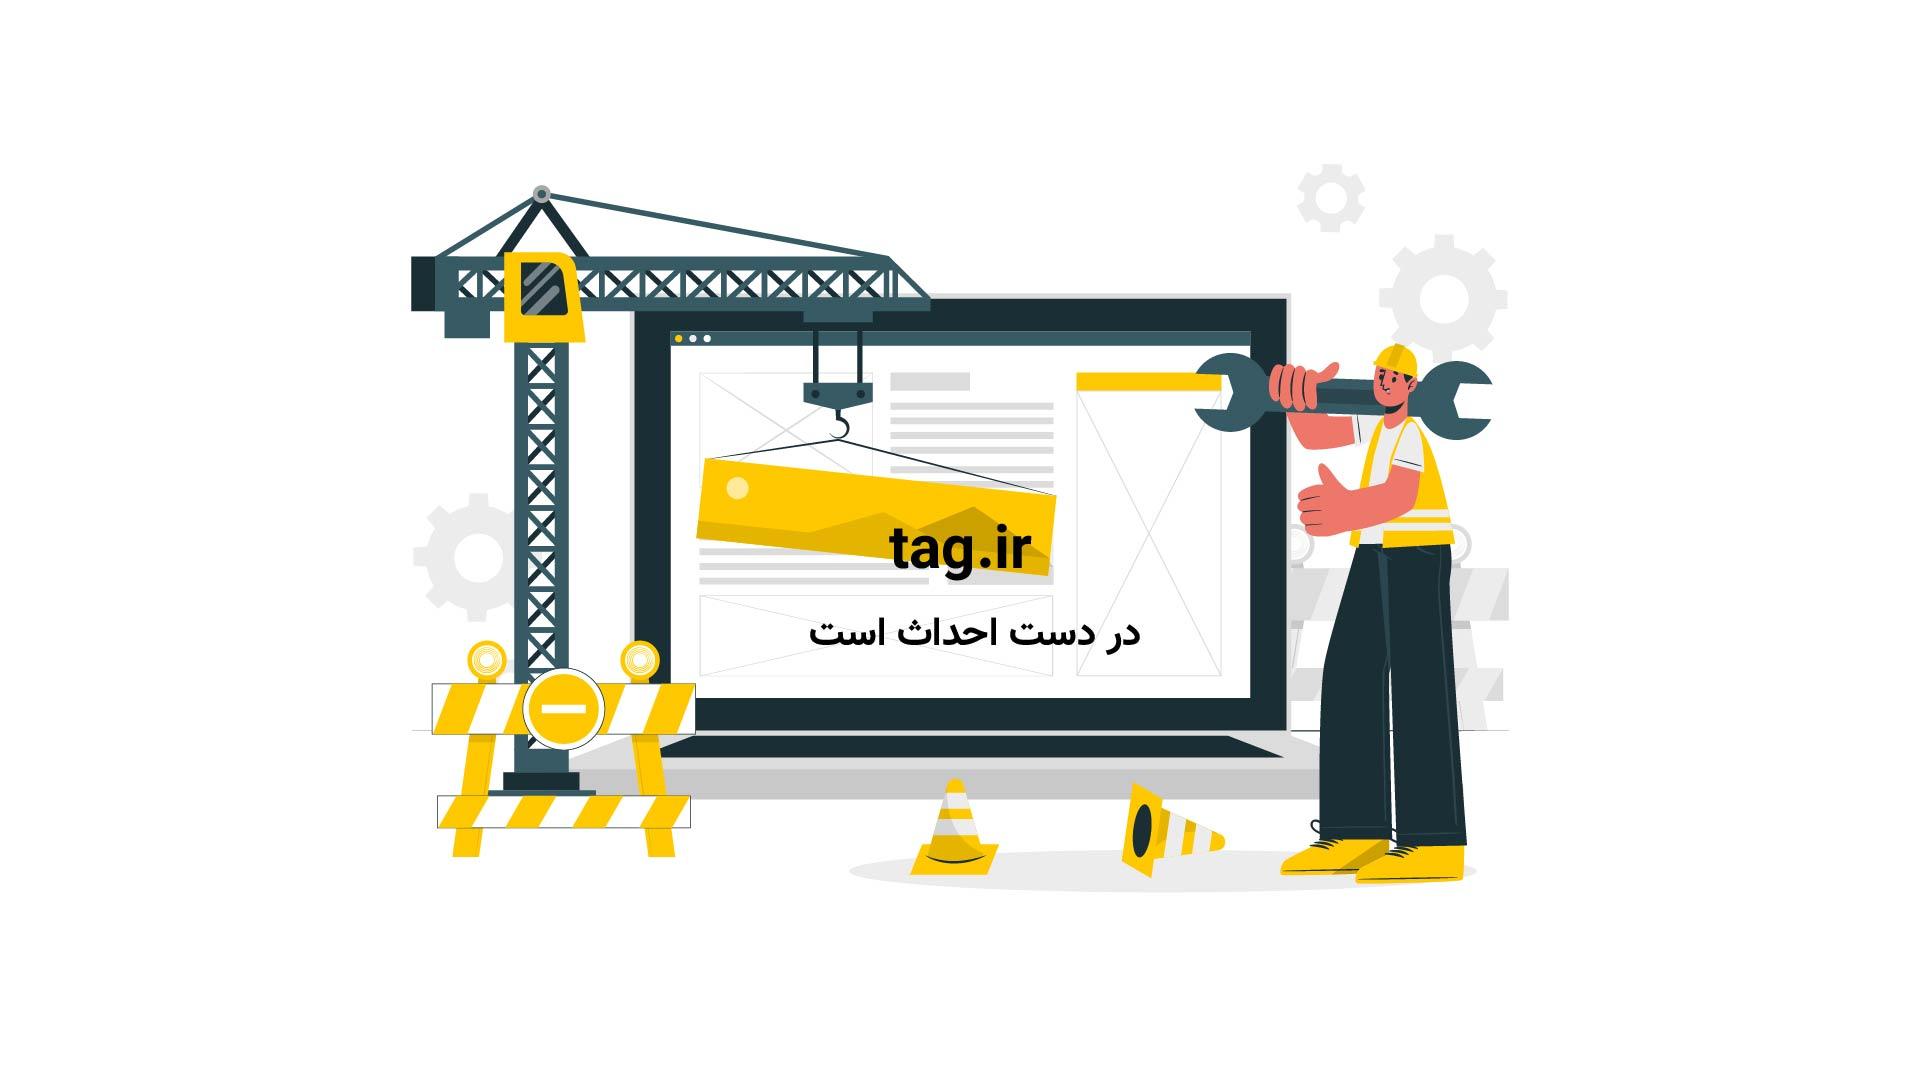 نقاشی سه بعدی | تگ